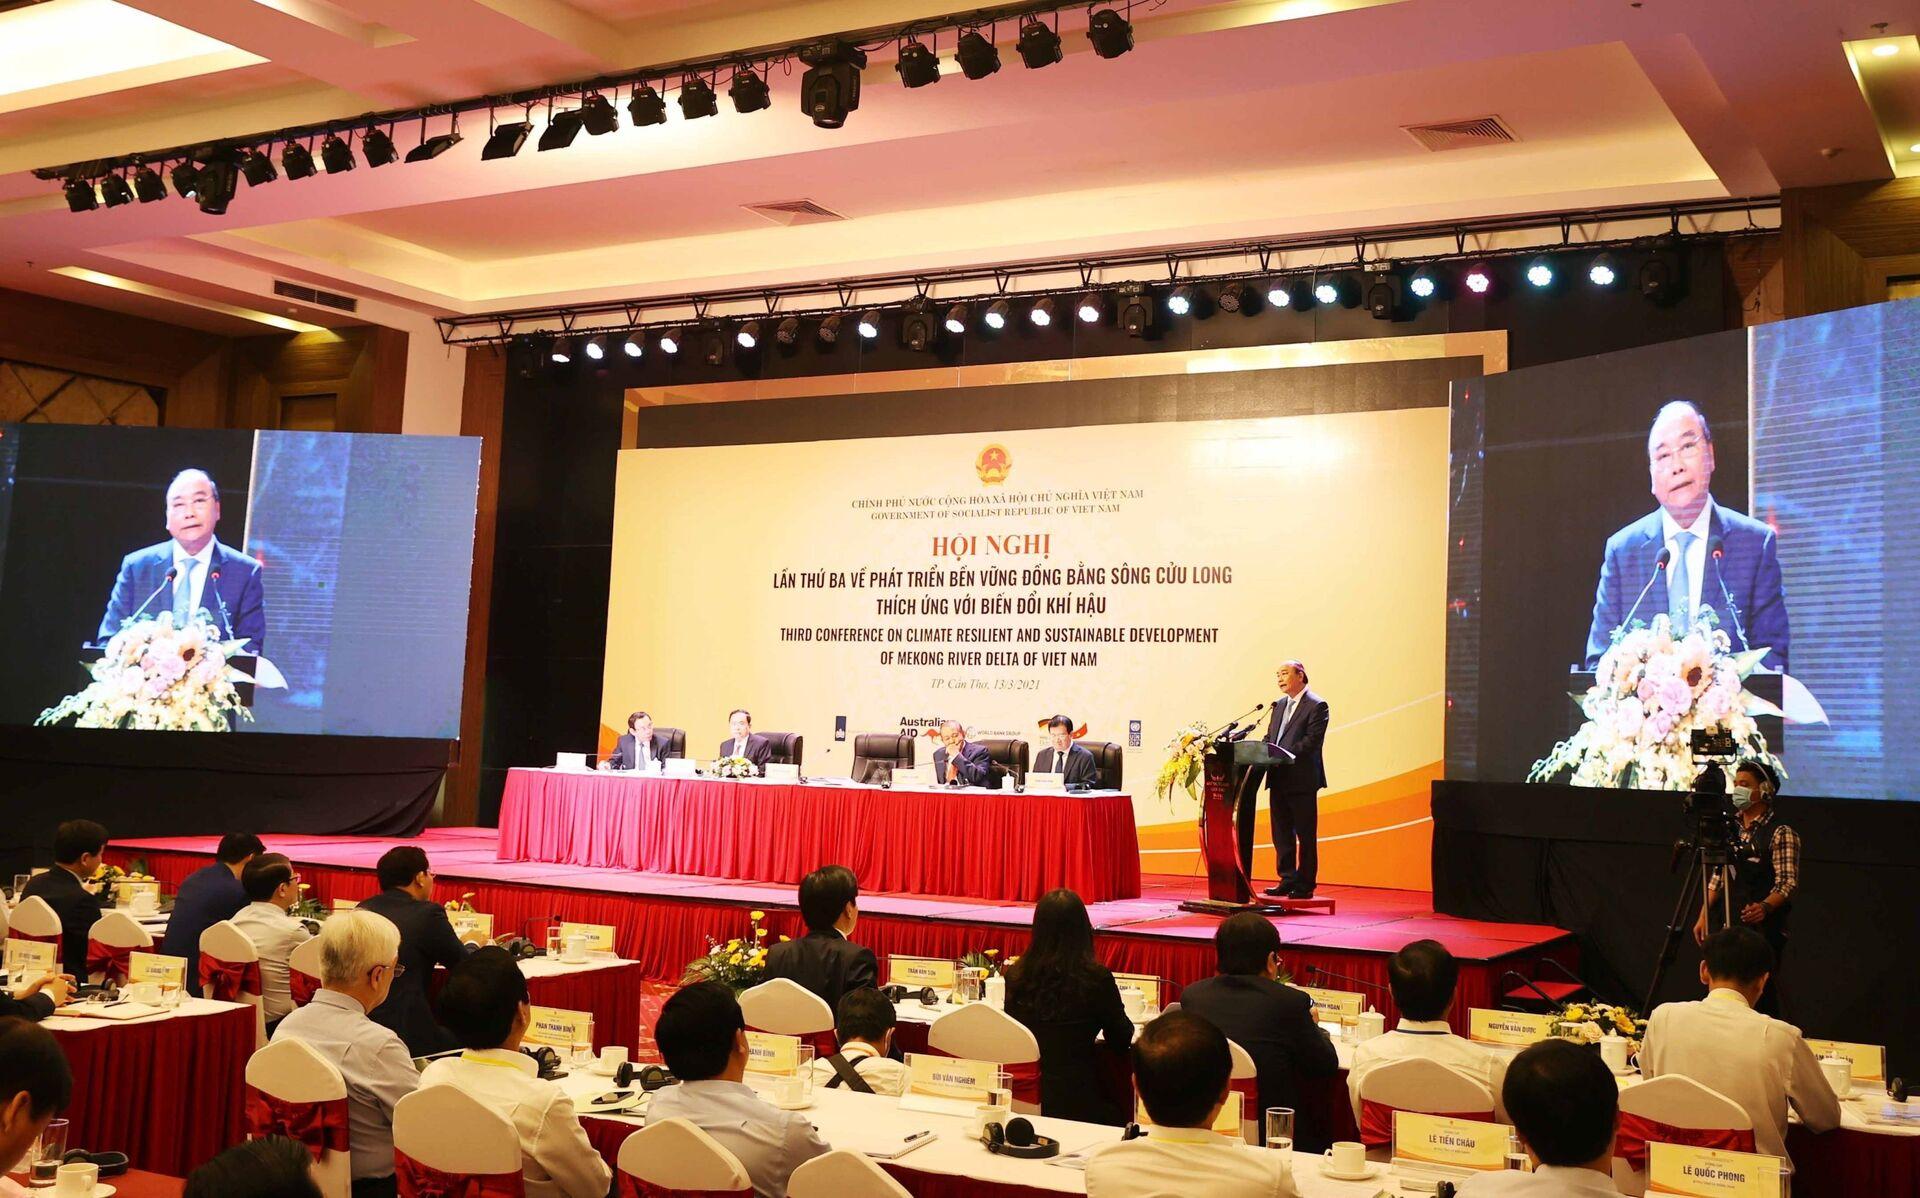 """Nghị quyết về phát triển ĐBSCL: Nhiều điểm sáng từ định hướng """"thuận thiên"""" - Sputnik Việt Nam, 1920, 13.03.2021"""